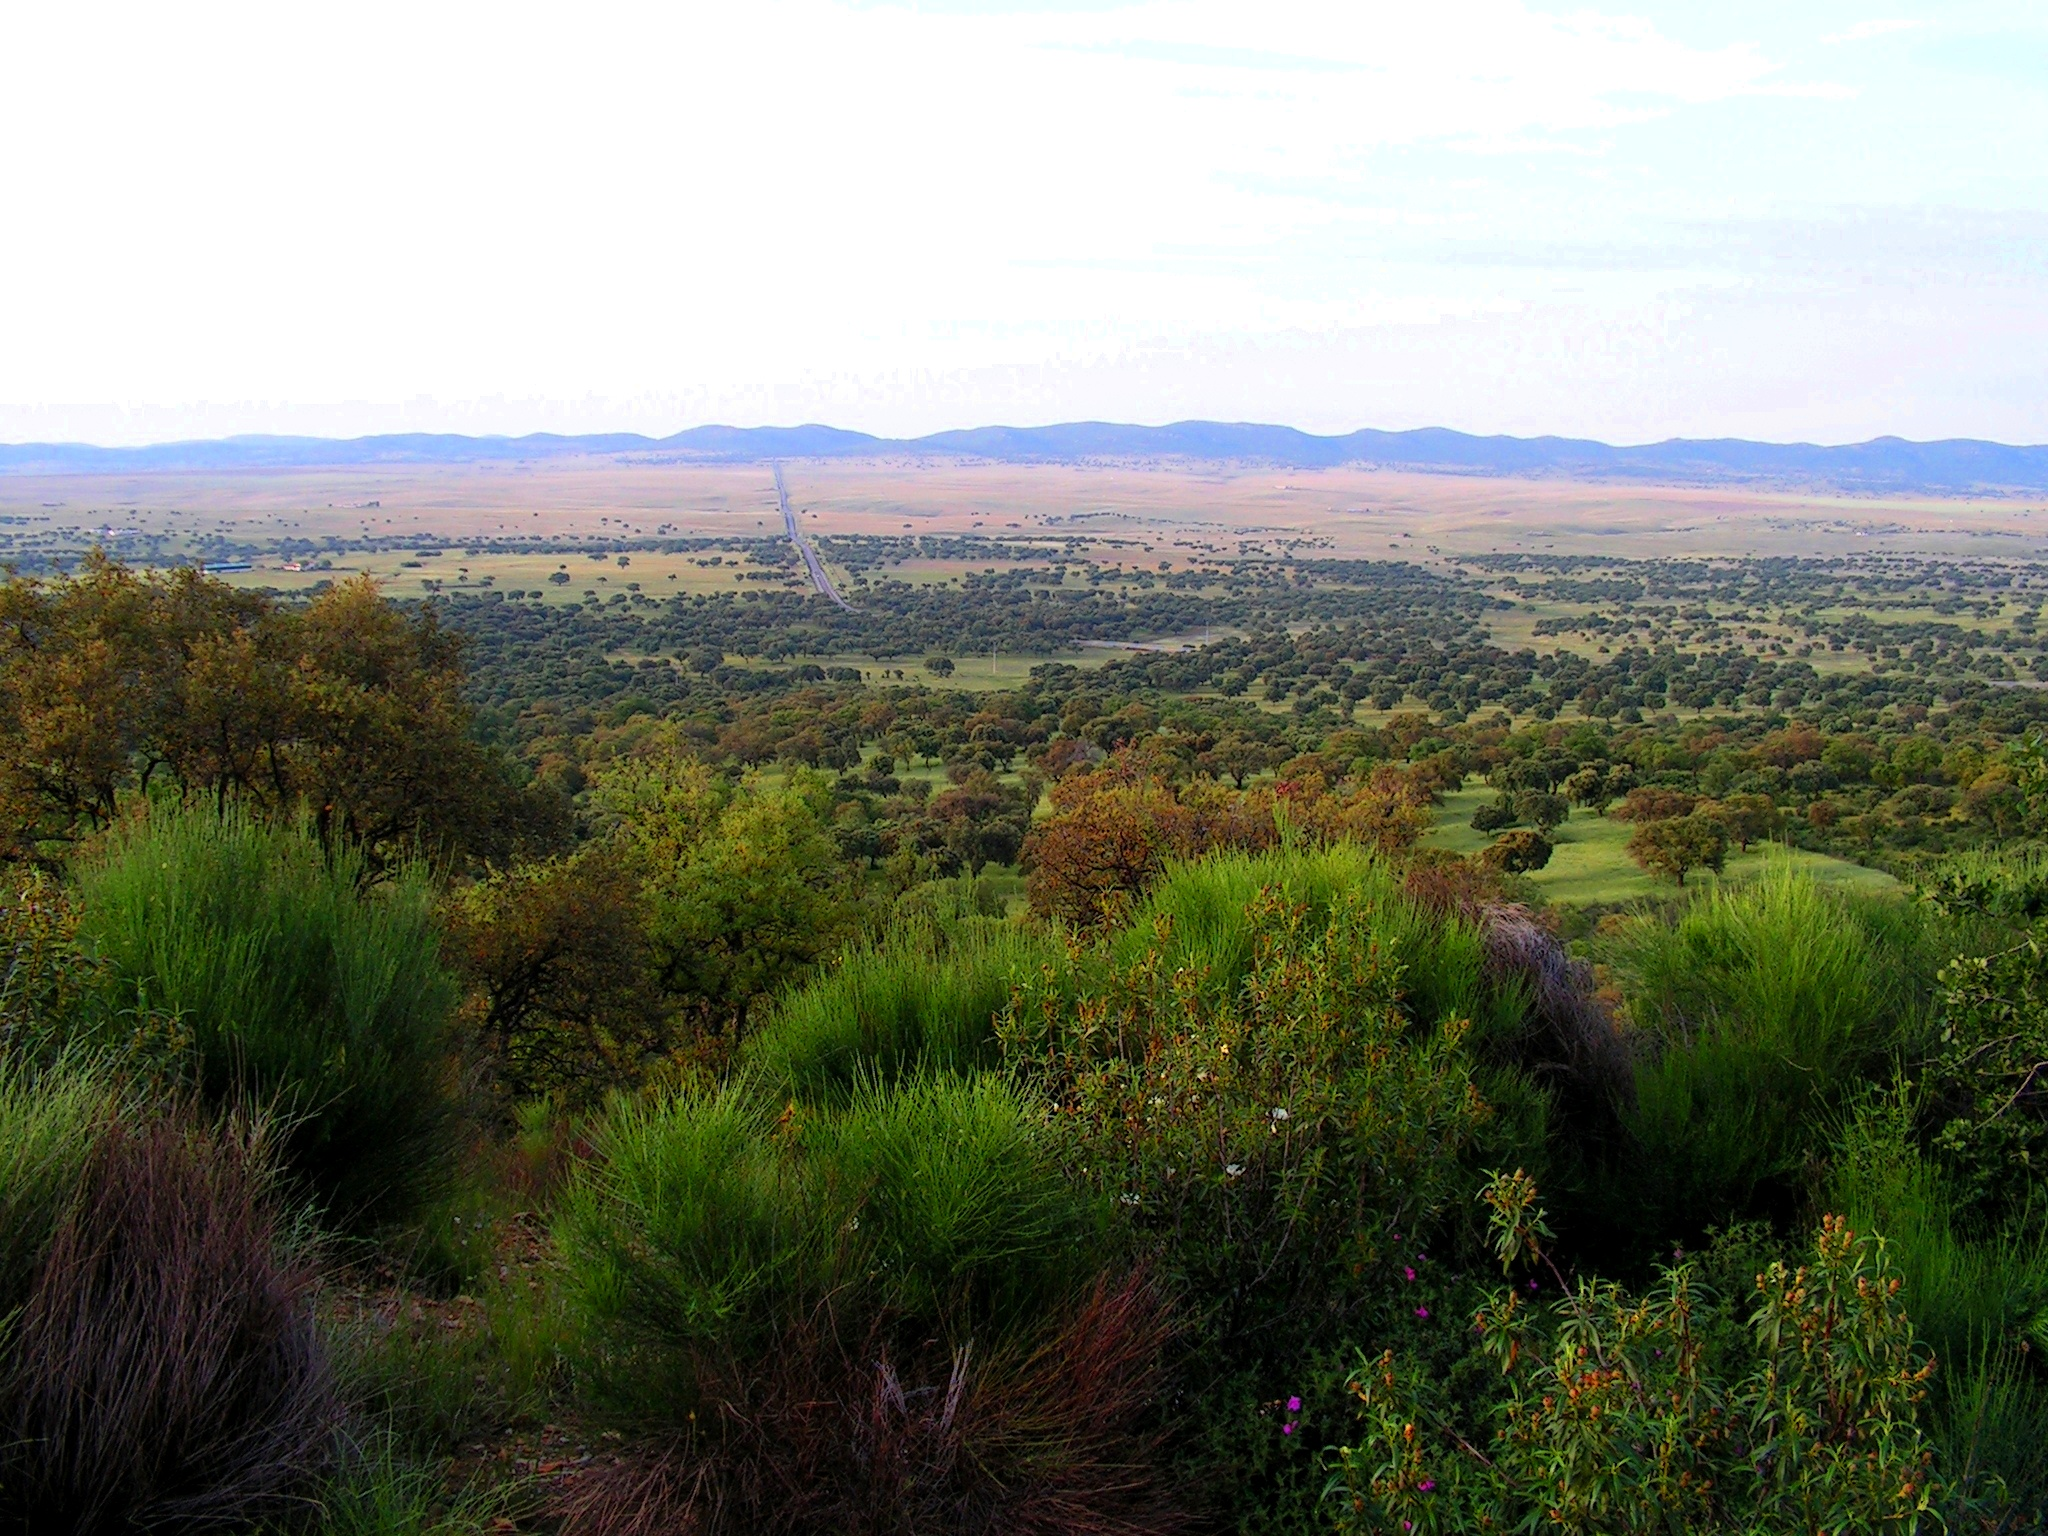 Vista_del_Valle_de_Alcudia.jpg